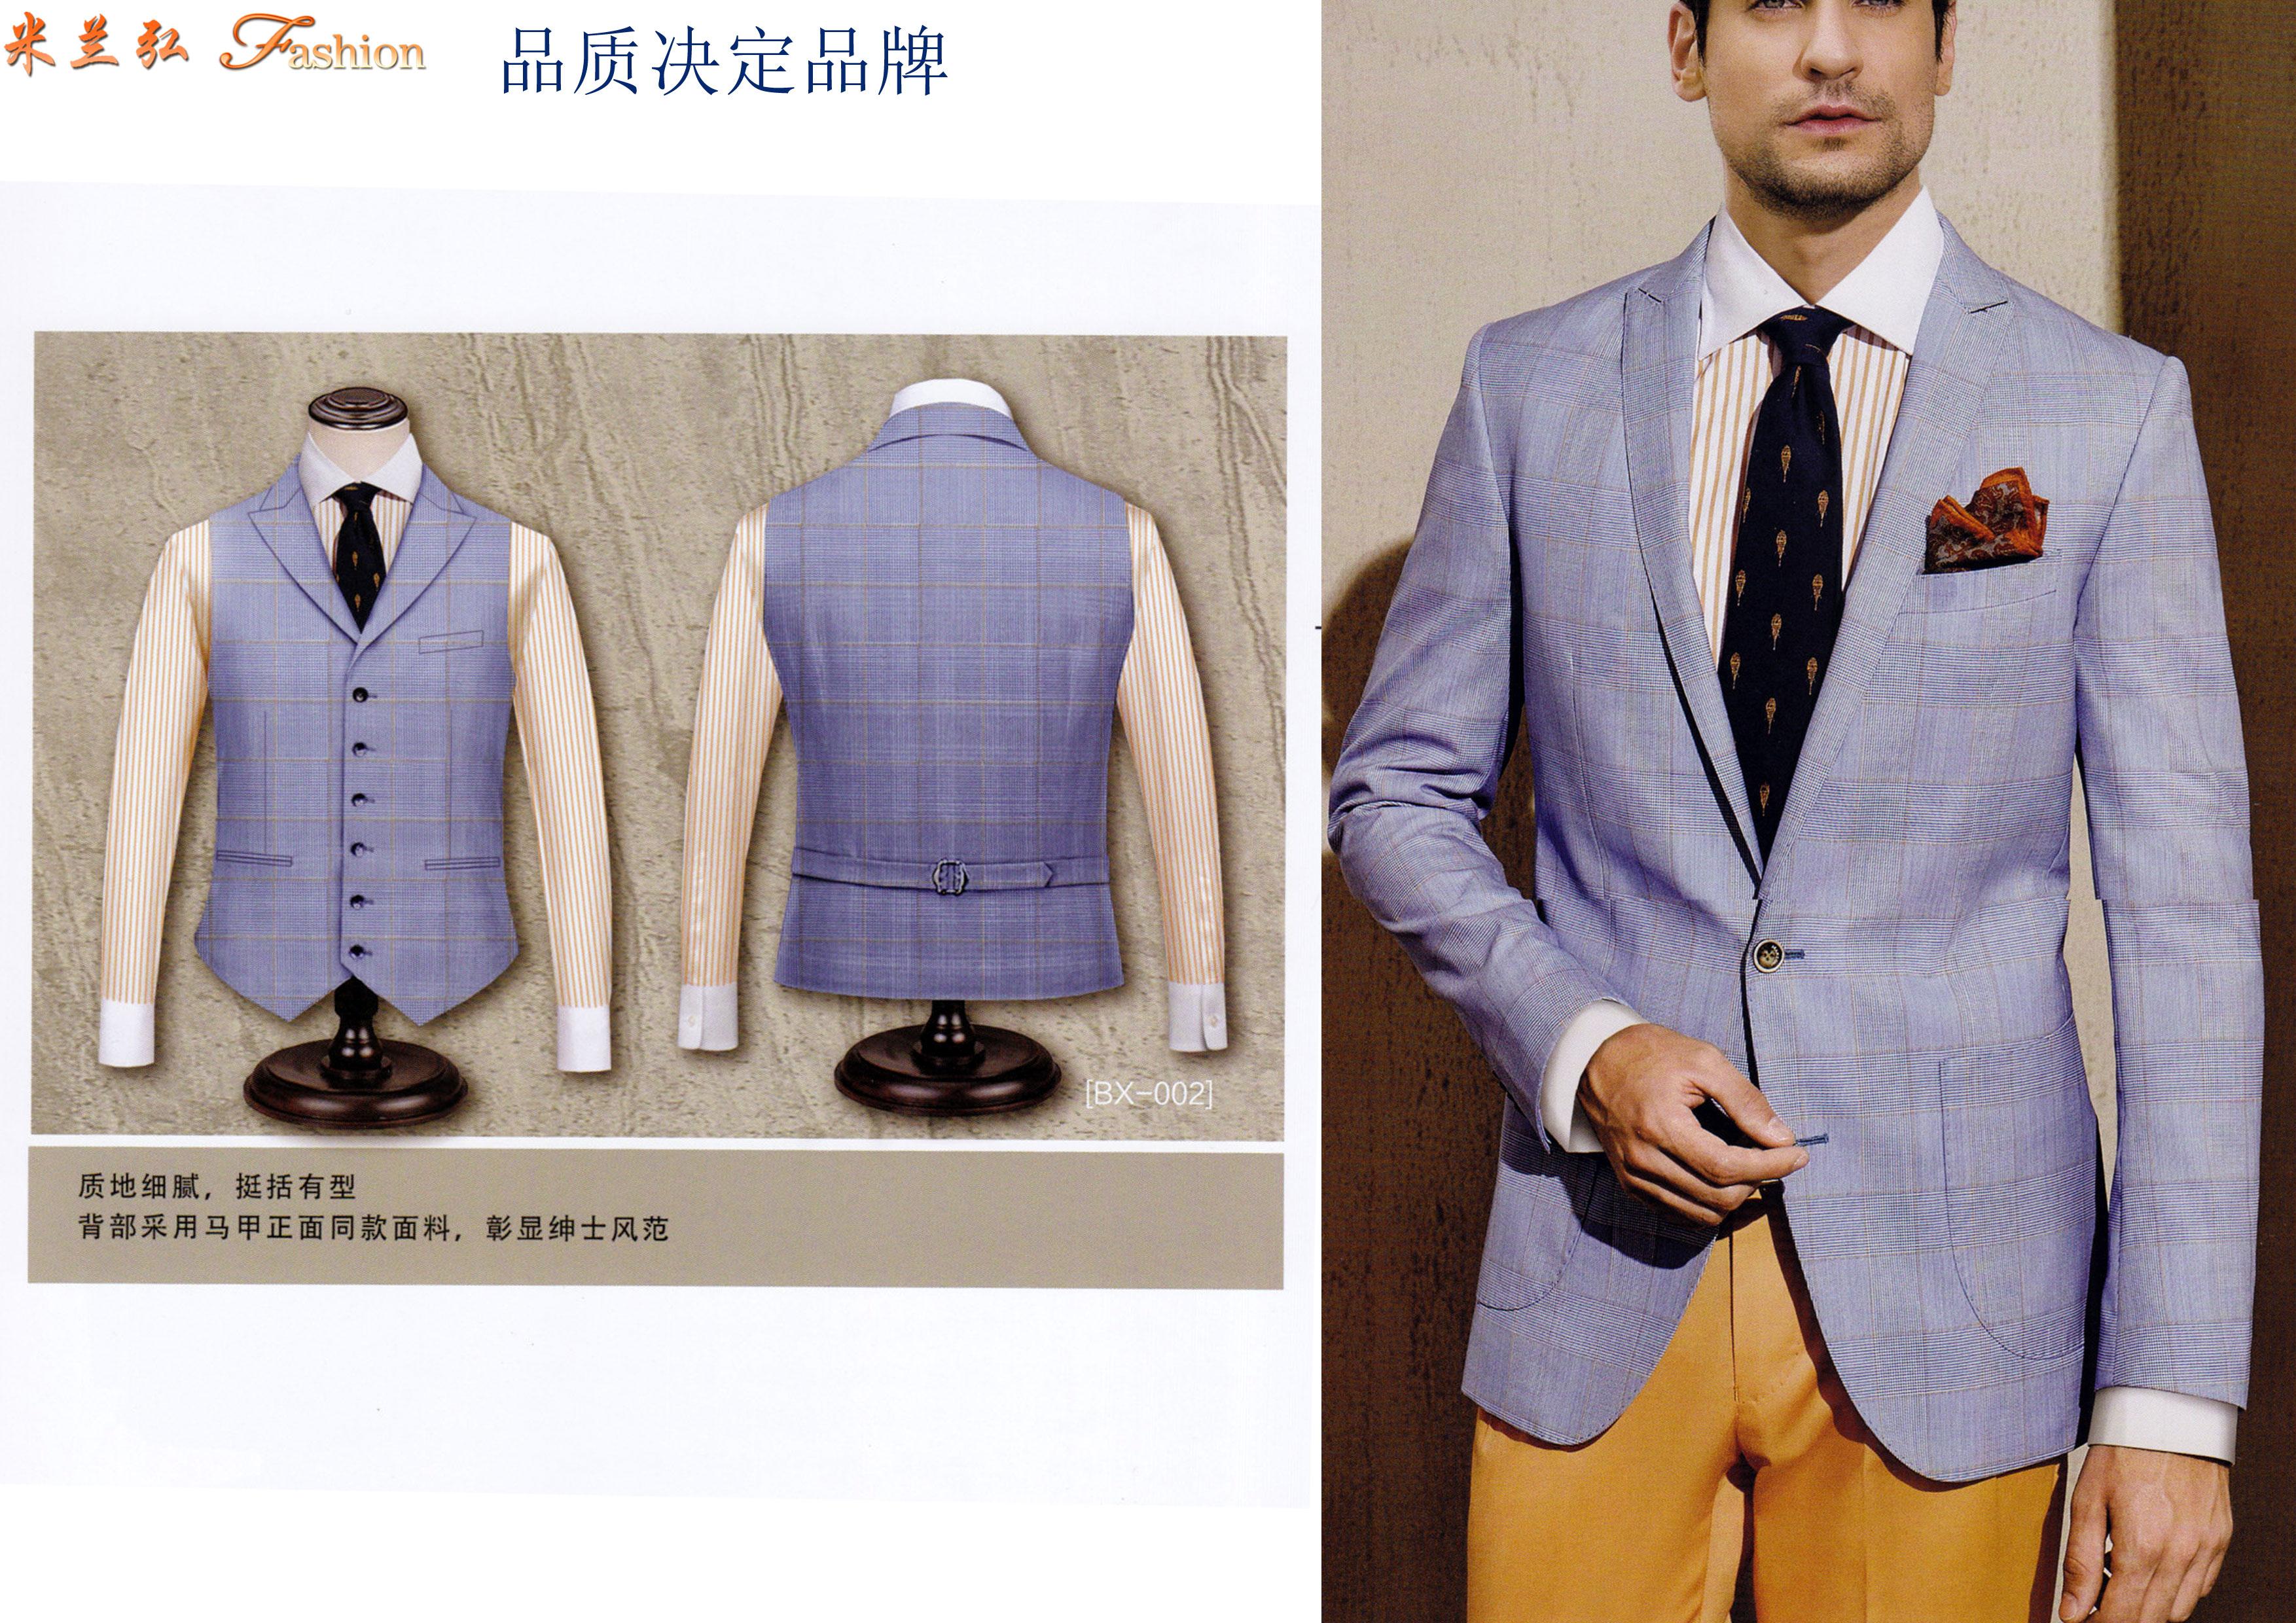 北京量身定制品牌西服_北京西装定做_北京羊毛西服订制-2